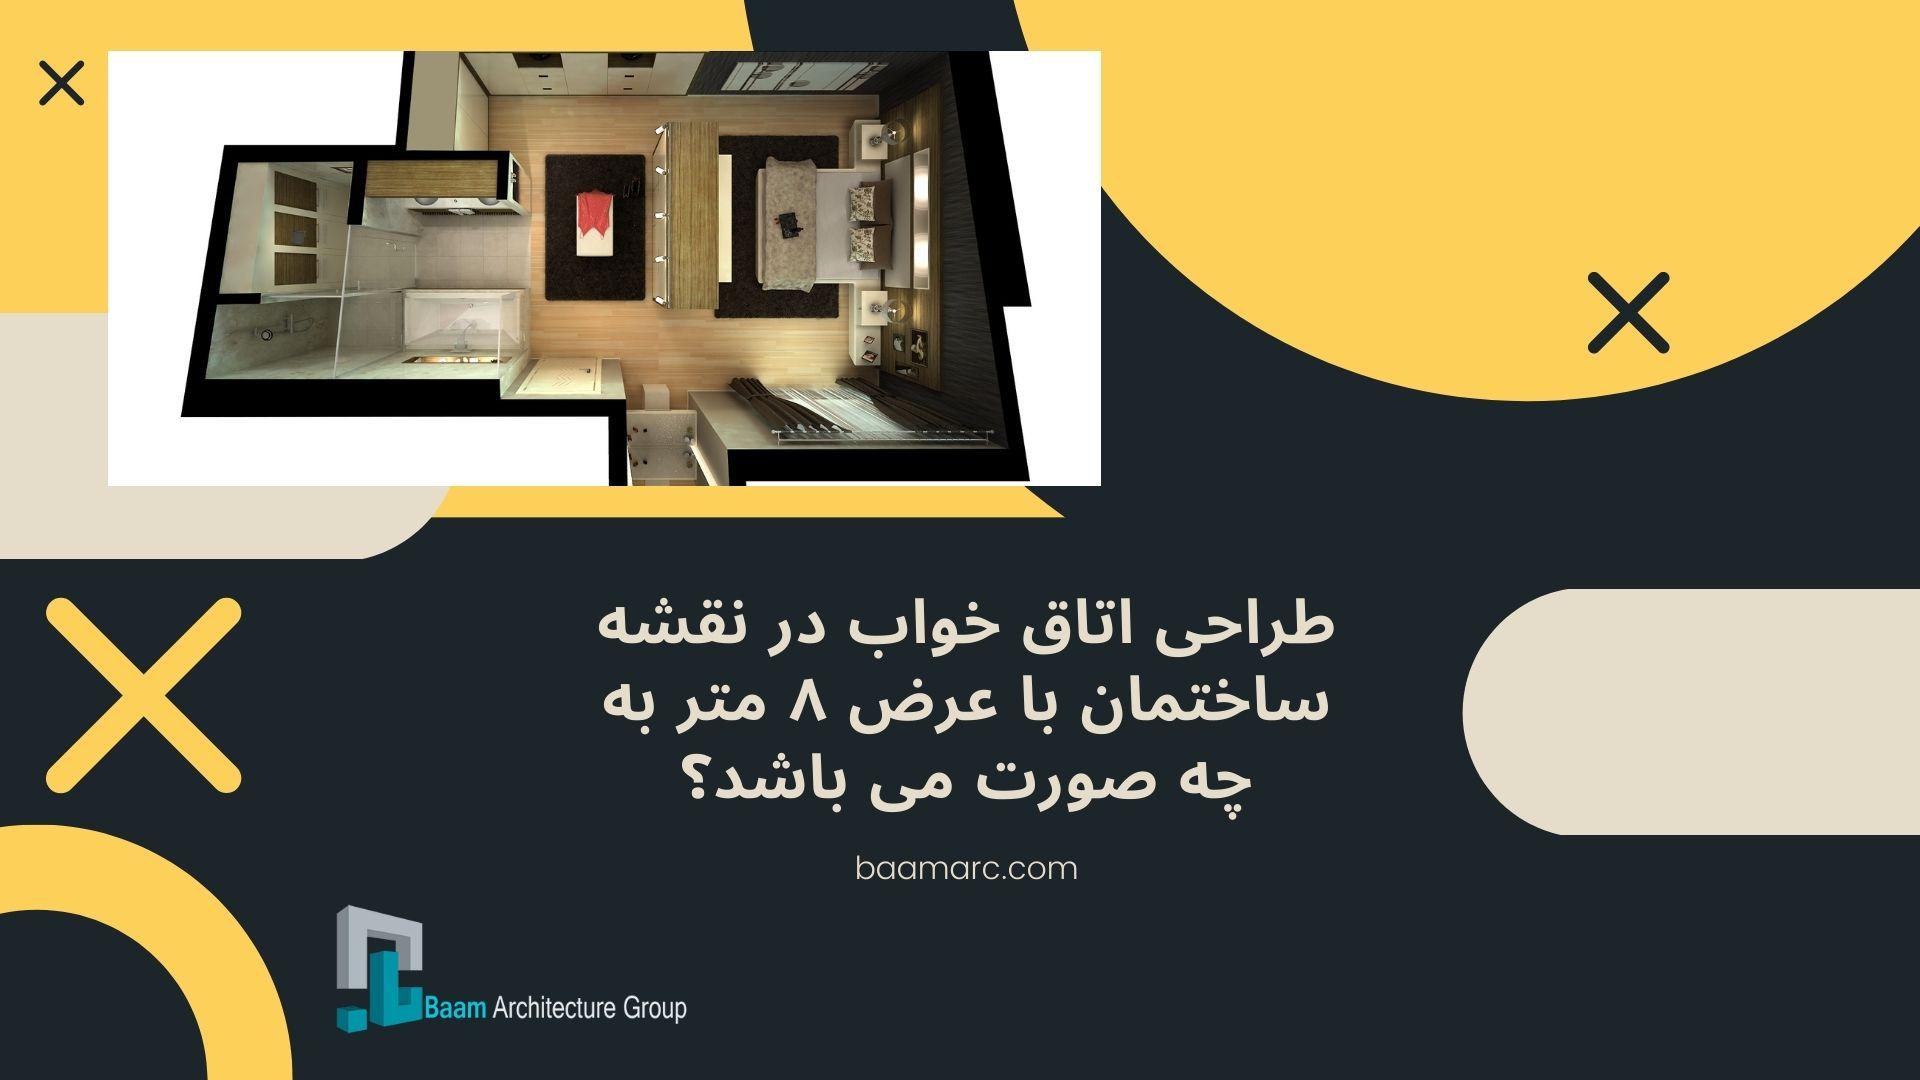 طراحی اتاق خواب در نقشه ساختمان با عرض ۸ متر به چه صورت می باشد؟